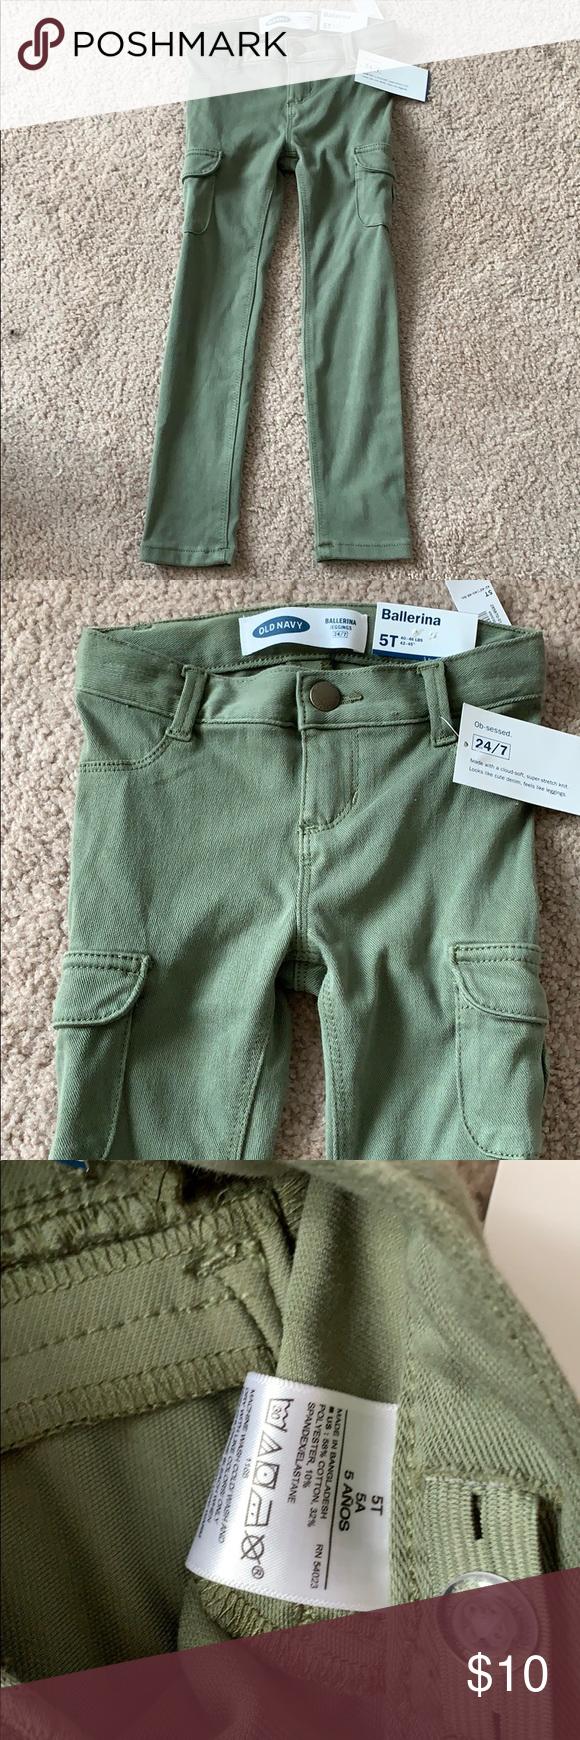 NWT Boys Old Navy Khaki Pants sz 5t